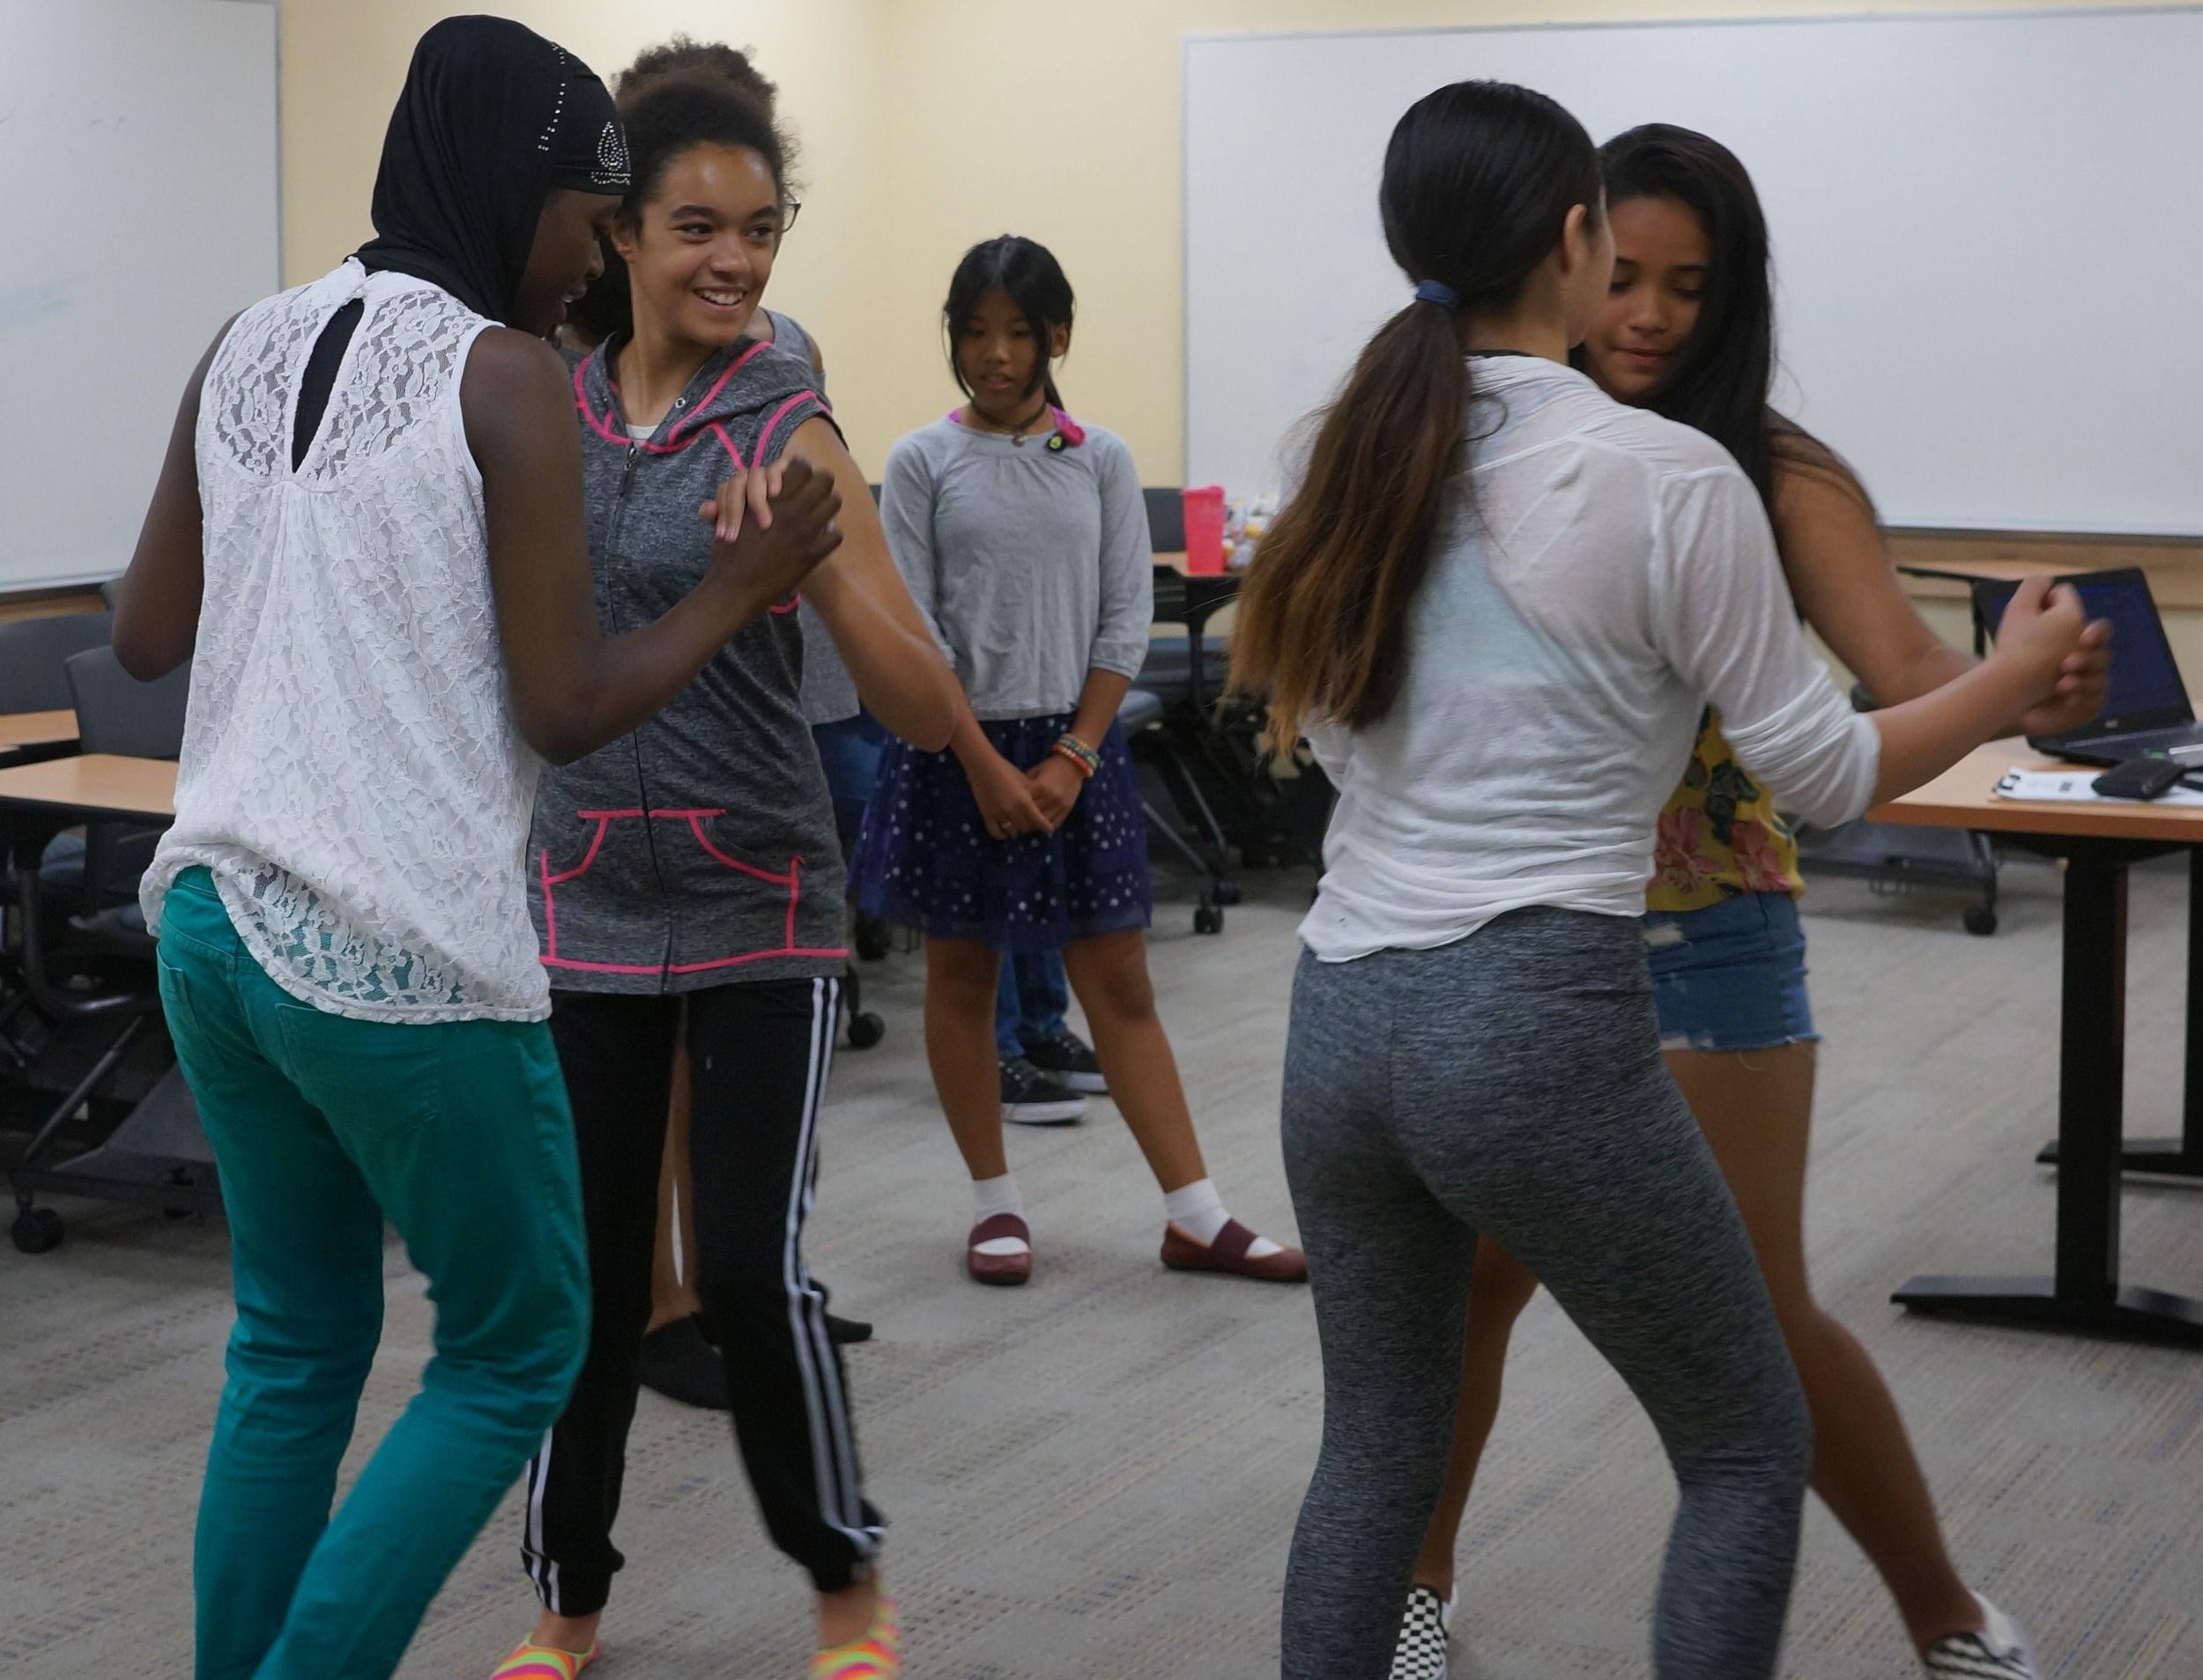 Learning Latin dance